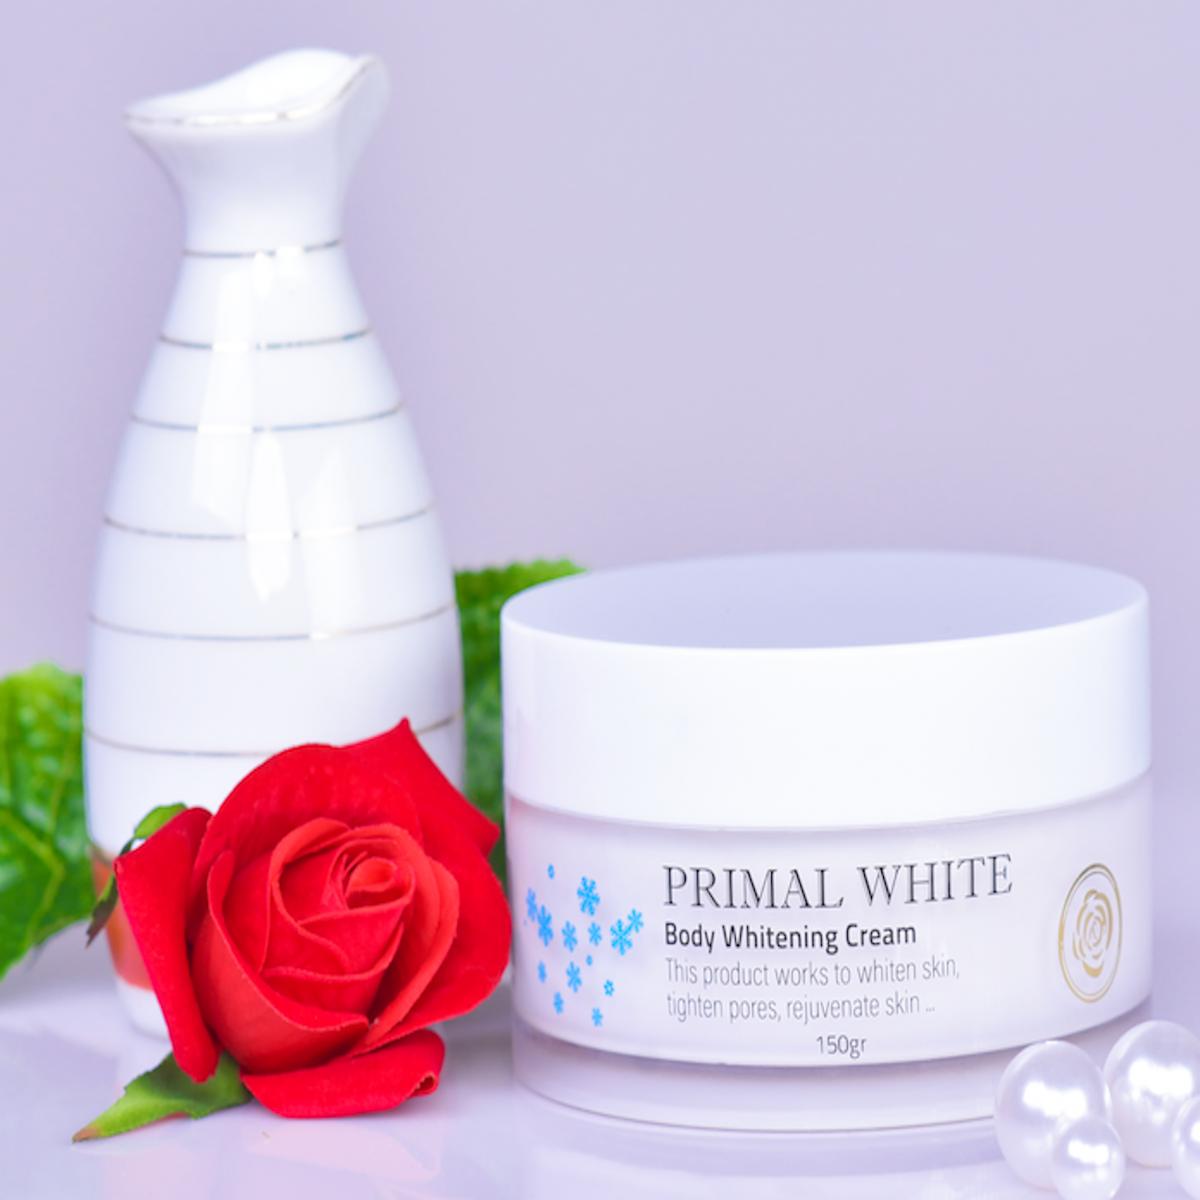 Body Whitening Cream (Dưỡng Trắng Toàn Thân)